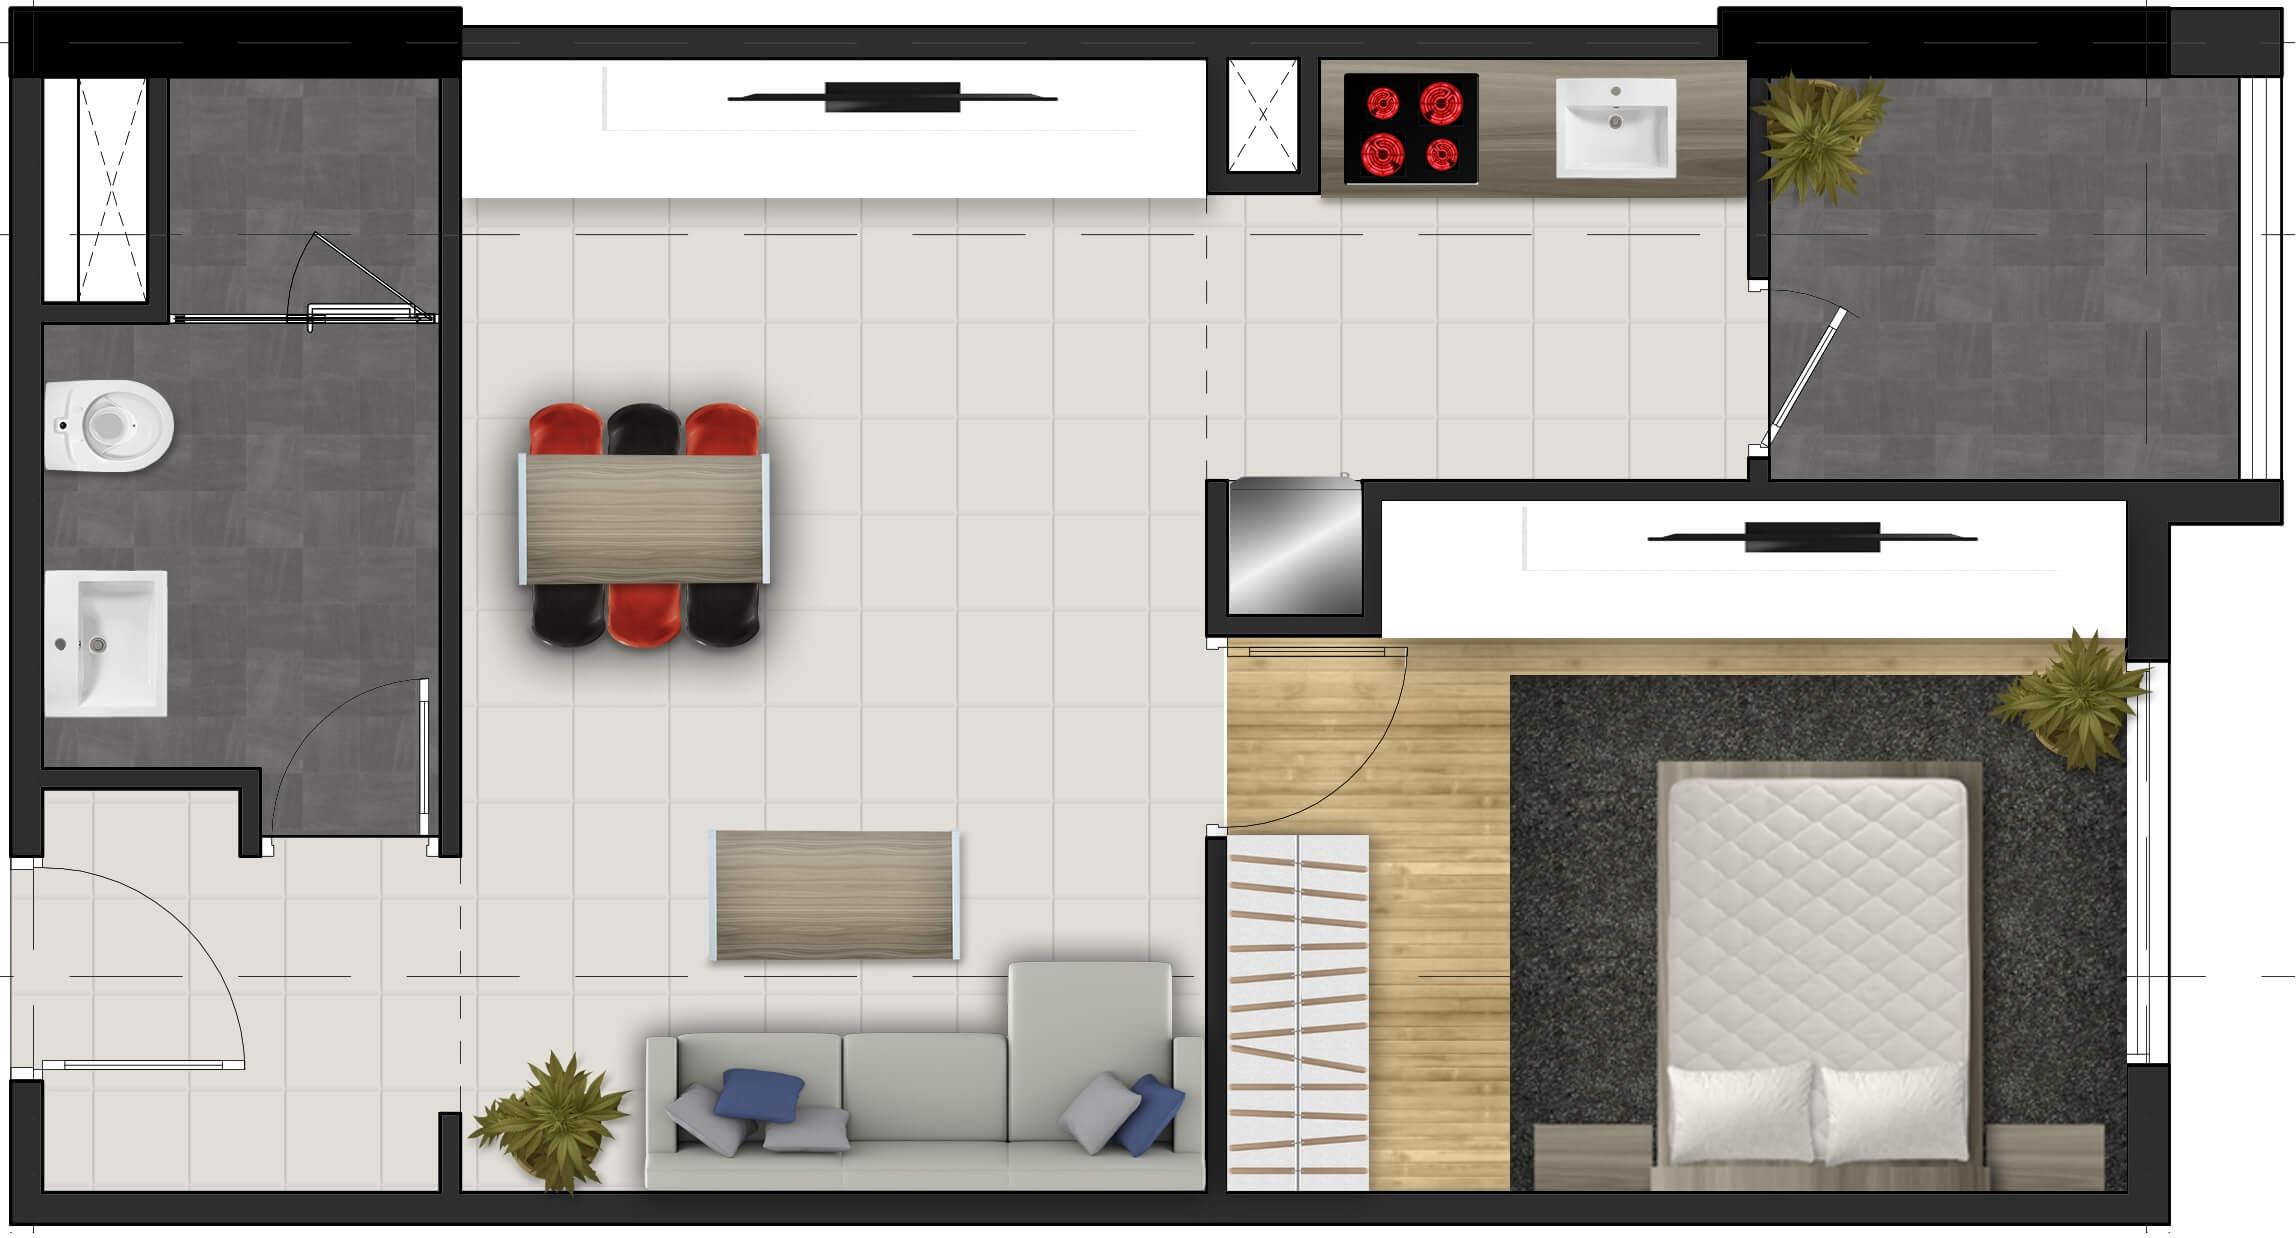 Căn hộ 1 phòng ngủ FPT Plaza lttland